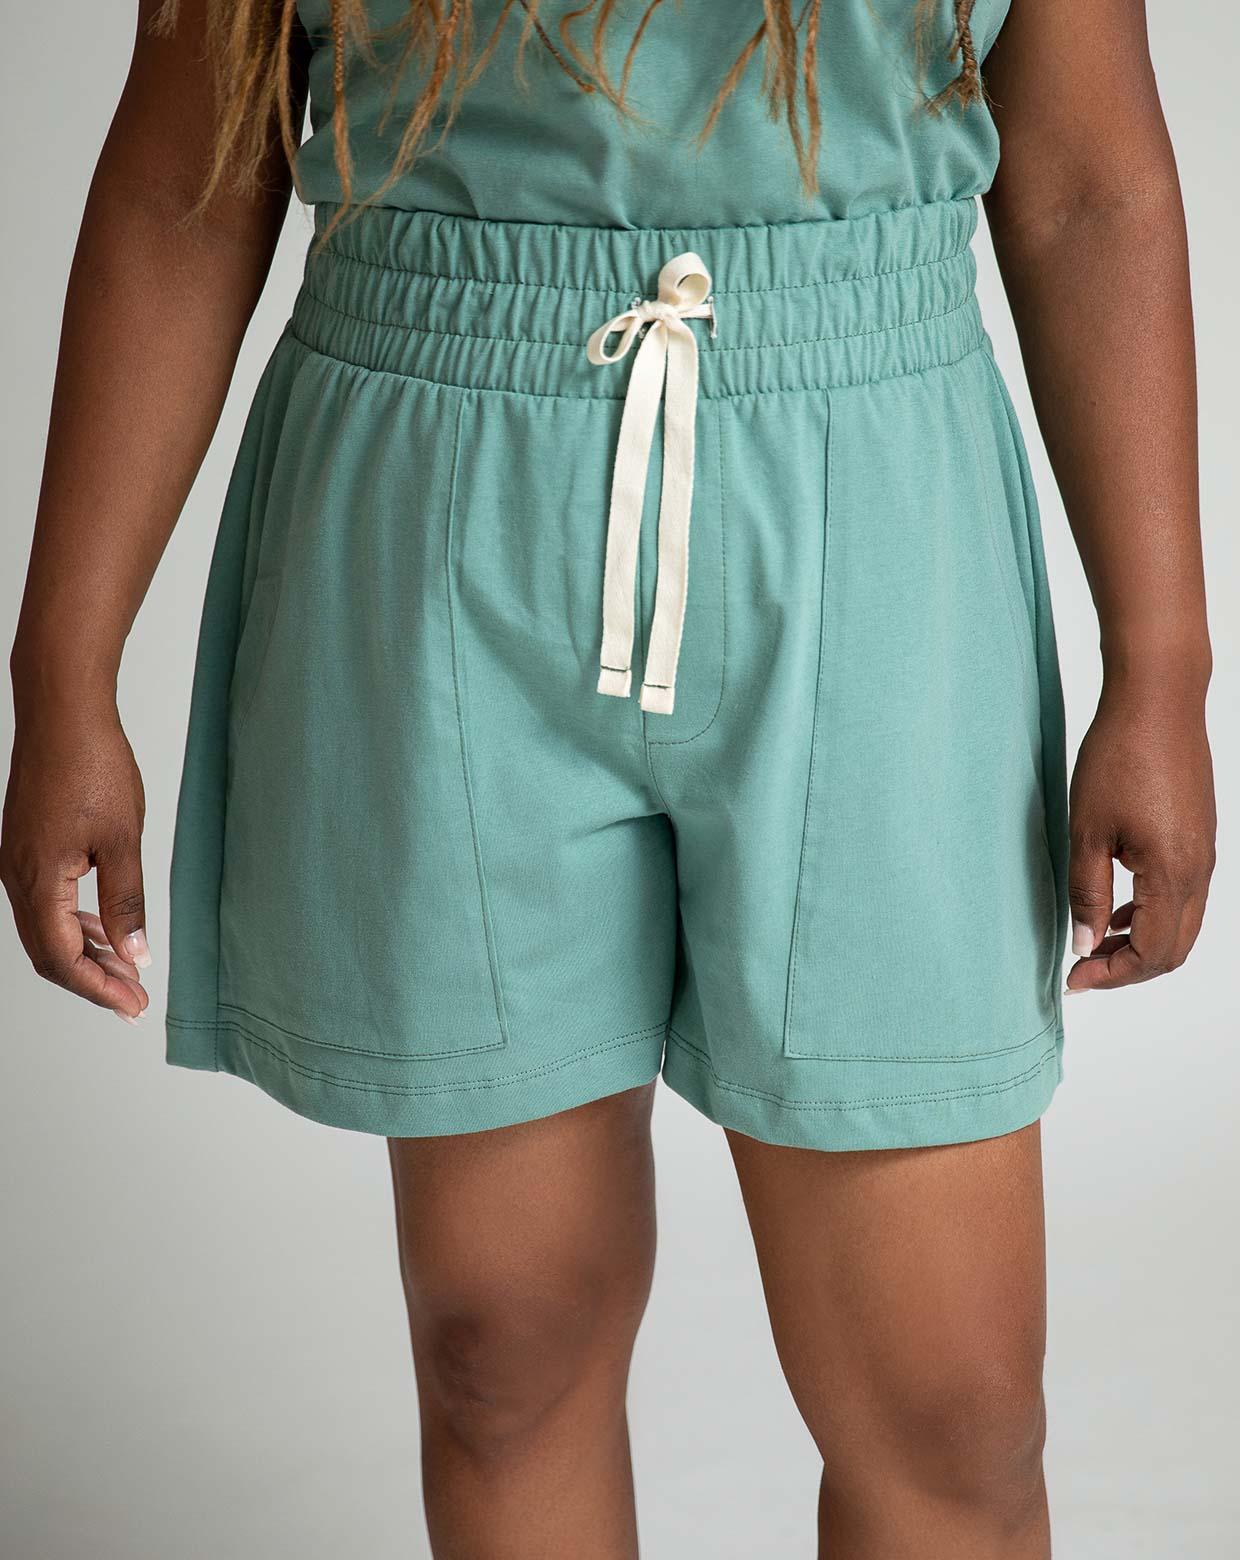 Shorts Pinheiro Verde - Algodão Sustentável